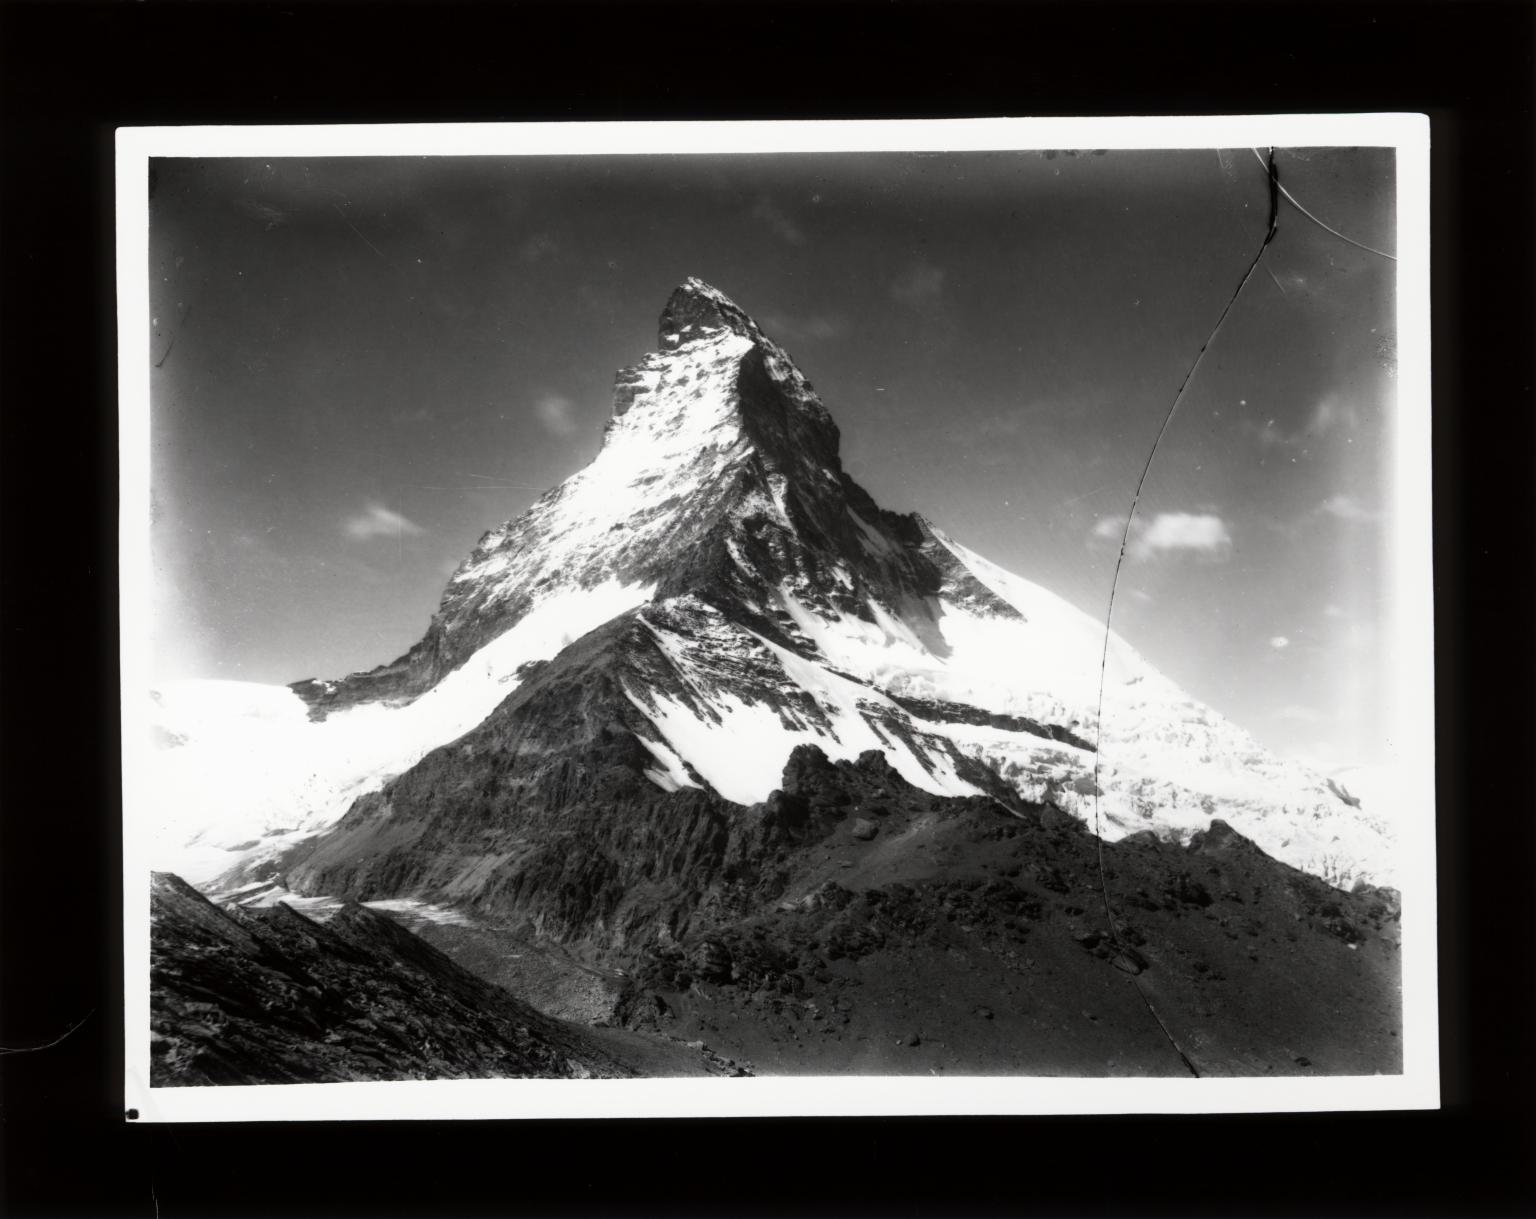 Matterhorn from Hornli Hut, Switzerland